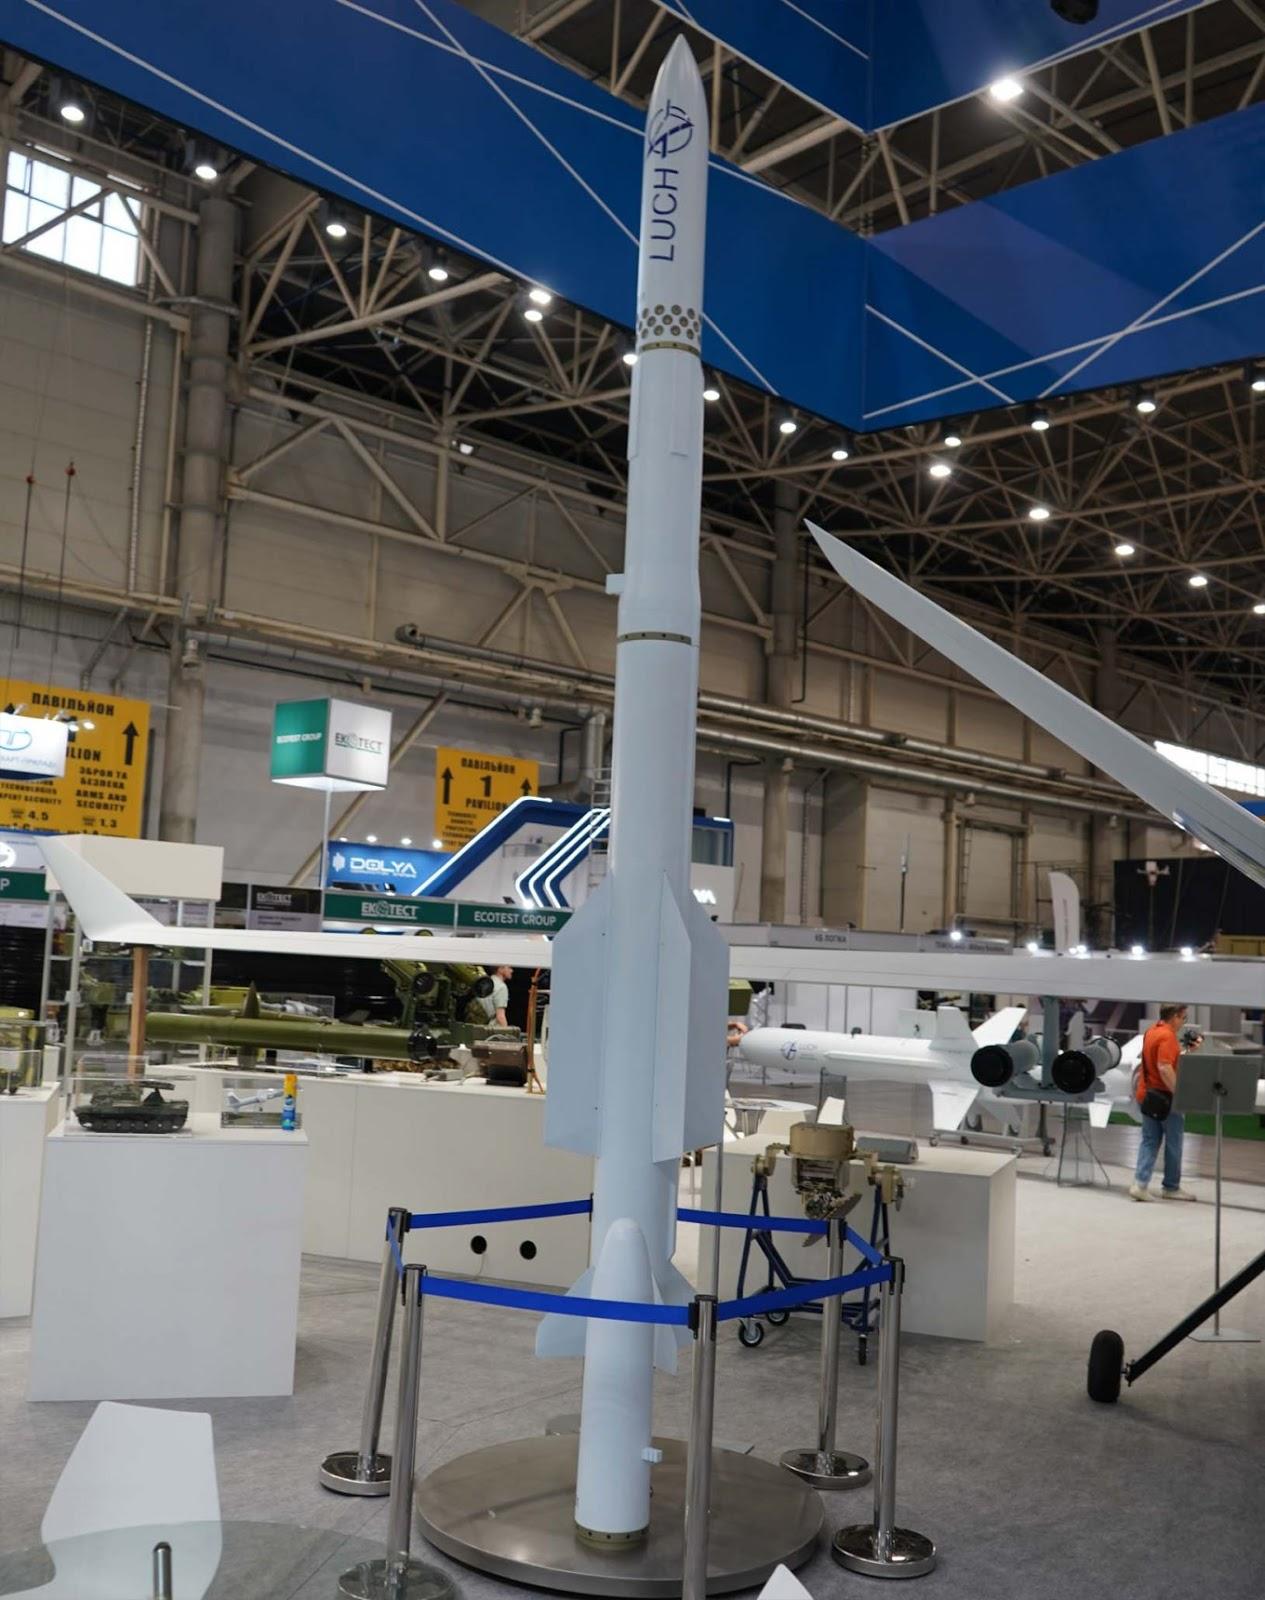 КБ Луч вперше покаже нову зенітну ракету Корал